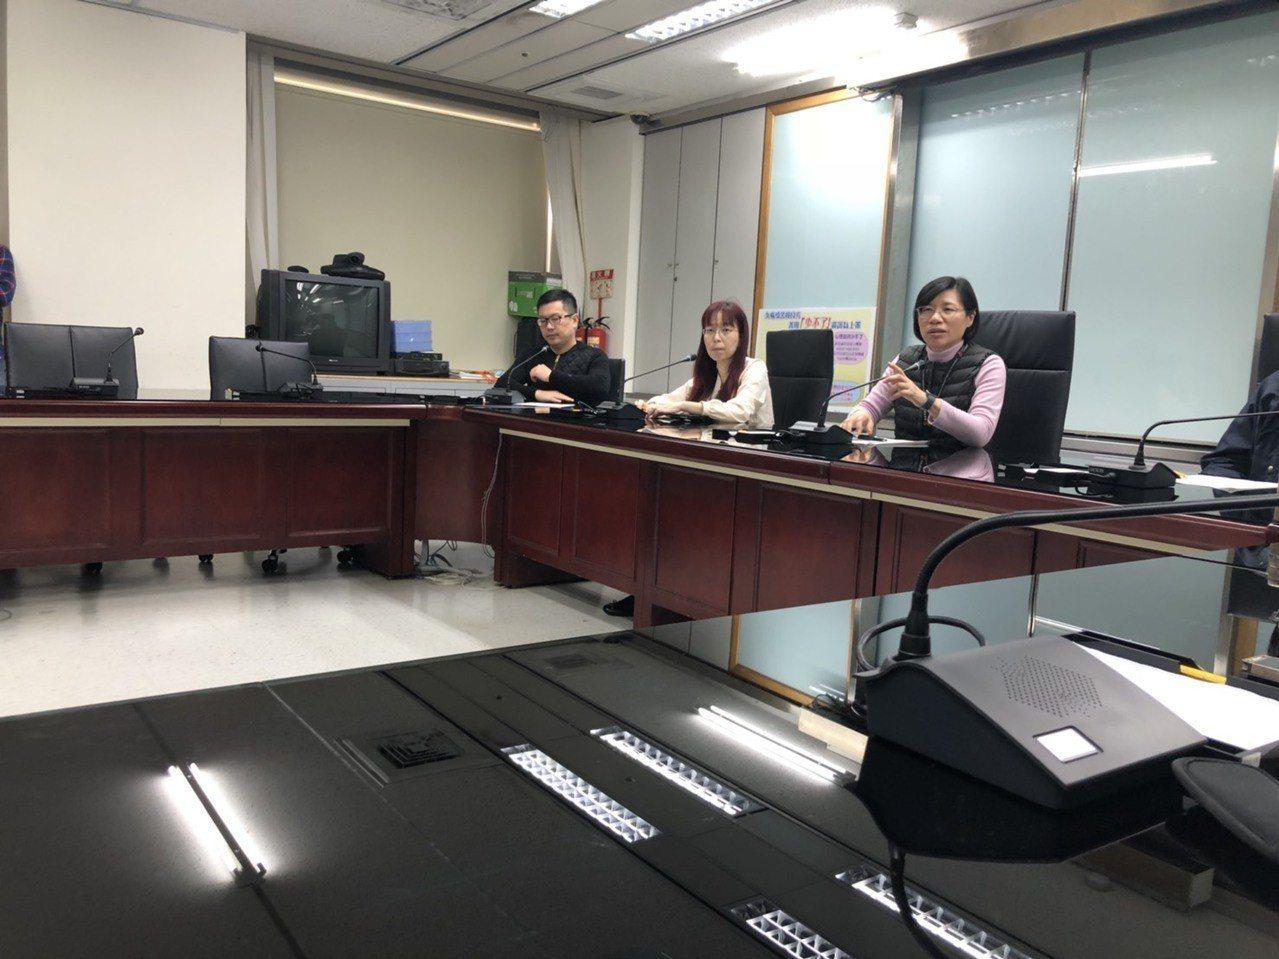 諮商師邱永林(左一)與台北市衛生局召開記者會說明企業諮商的重要性。記者陳靖宜/攝...